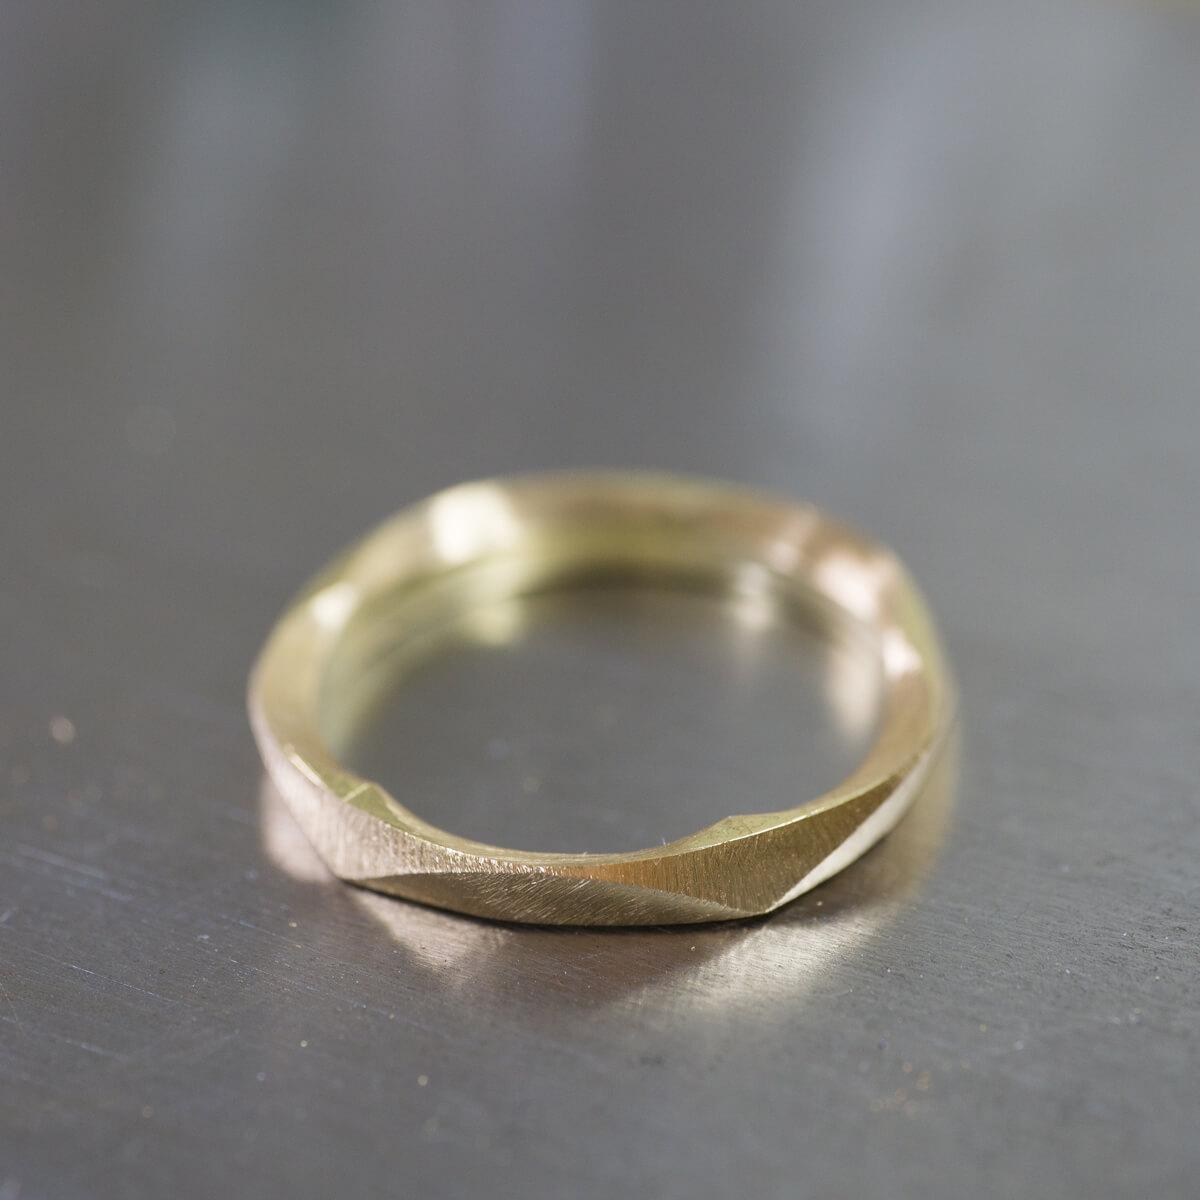 角度3 オーダーメイドマリッジリングの制作風景 ジュエリーのアトリエ 作業場に指輪 ゴールド 屋久島で作る結婚指輪